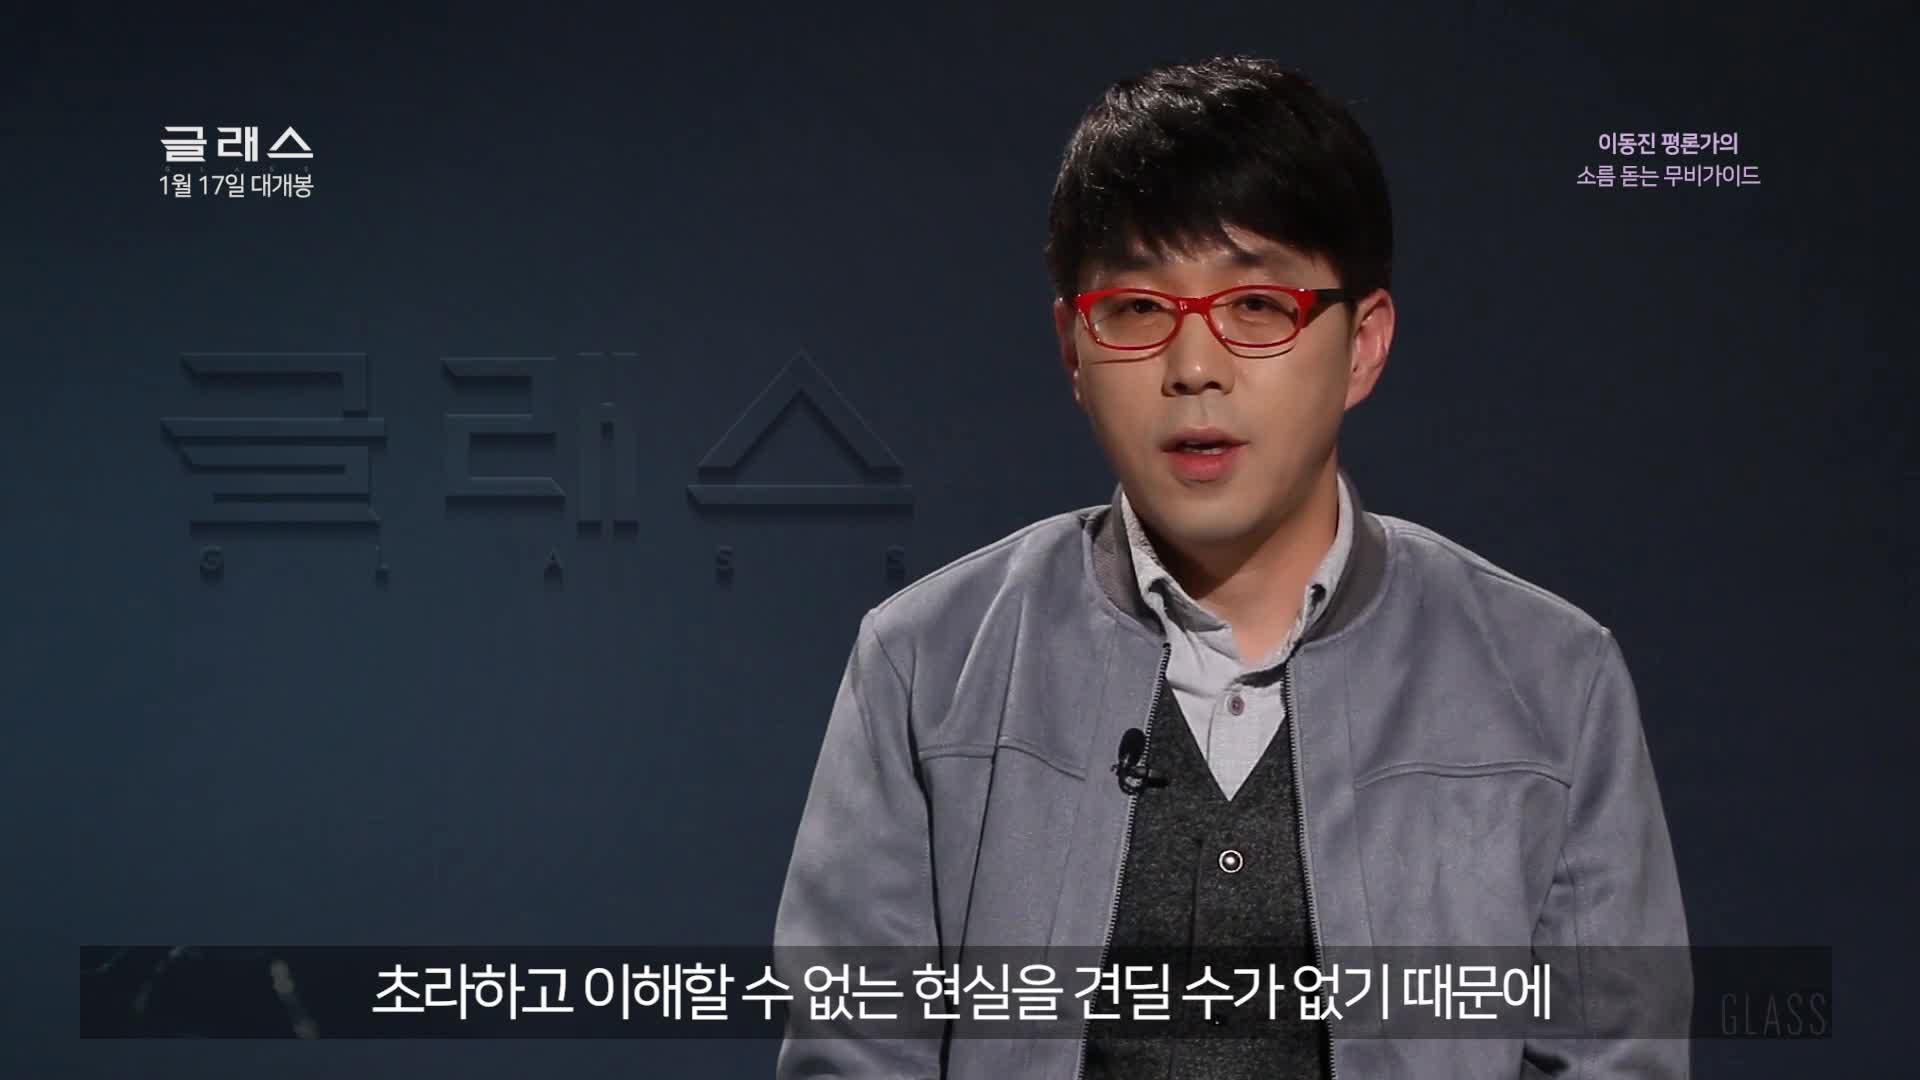 """'글래스' 이동진 평론가의 무비가이드 """"독특하게 기획된 희대의 속편"""""""